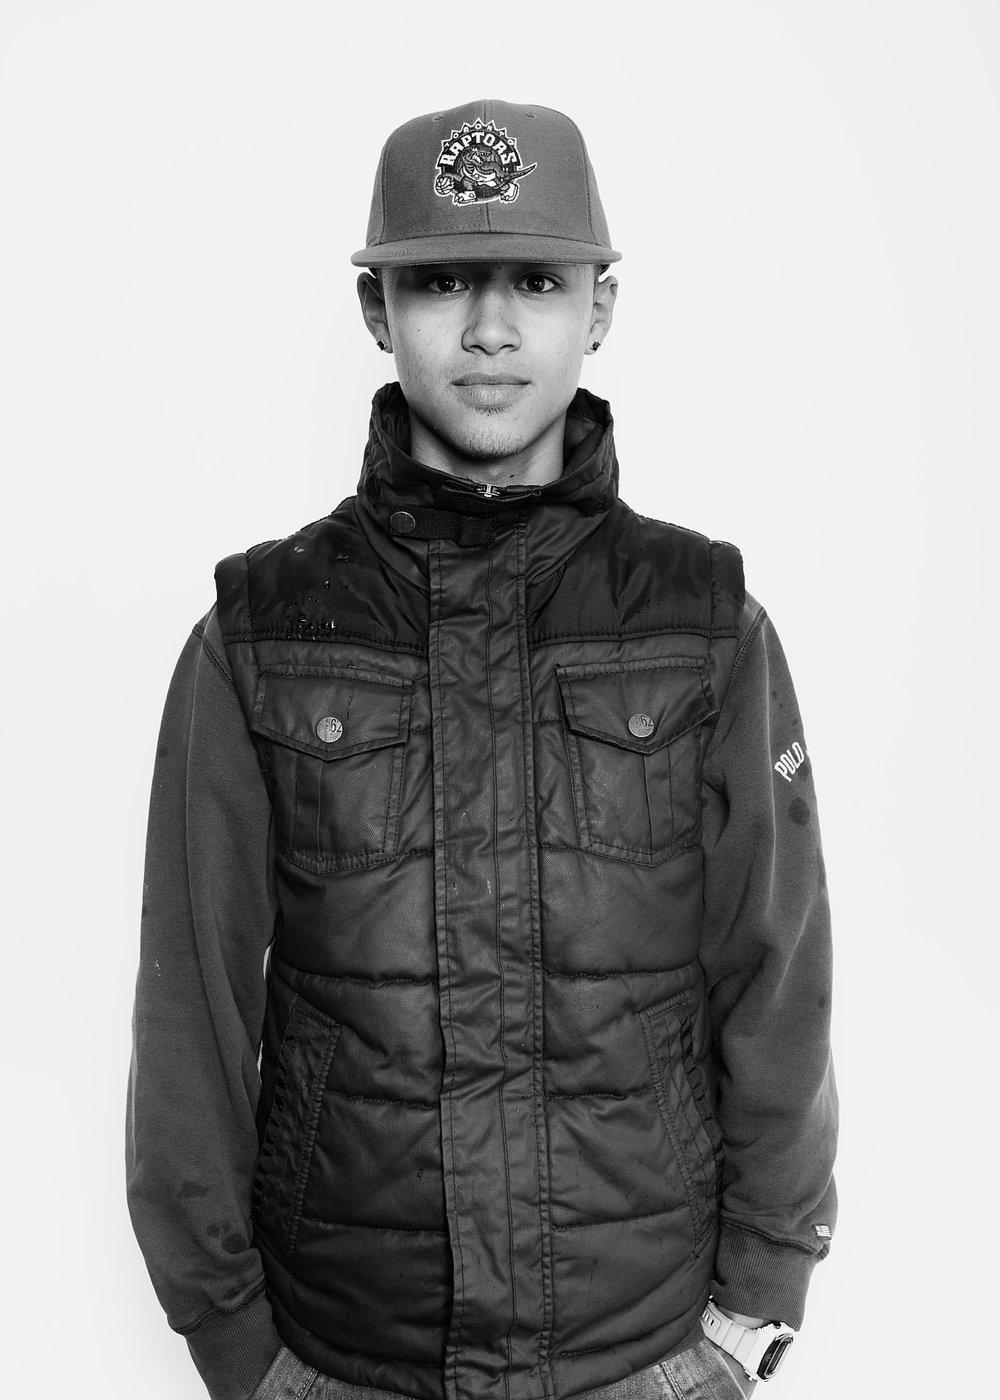 Portret fotografie Zeeland 'Zeeuwen op Wit'